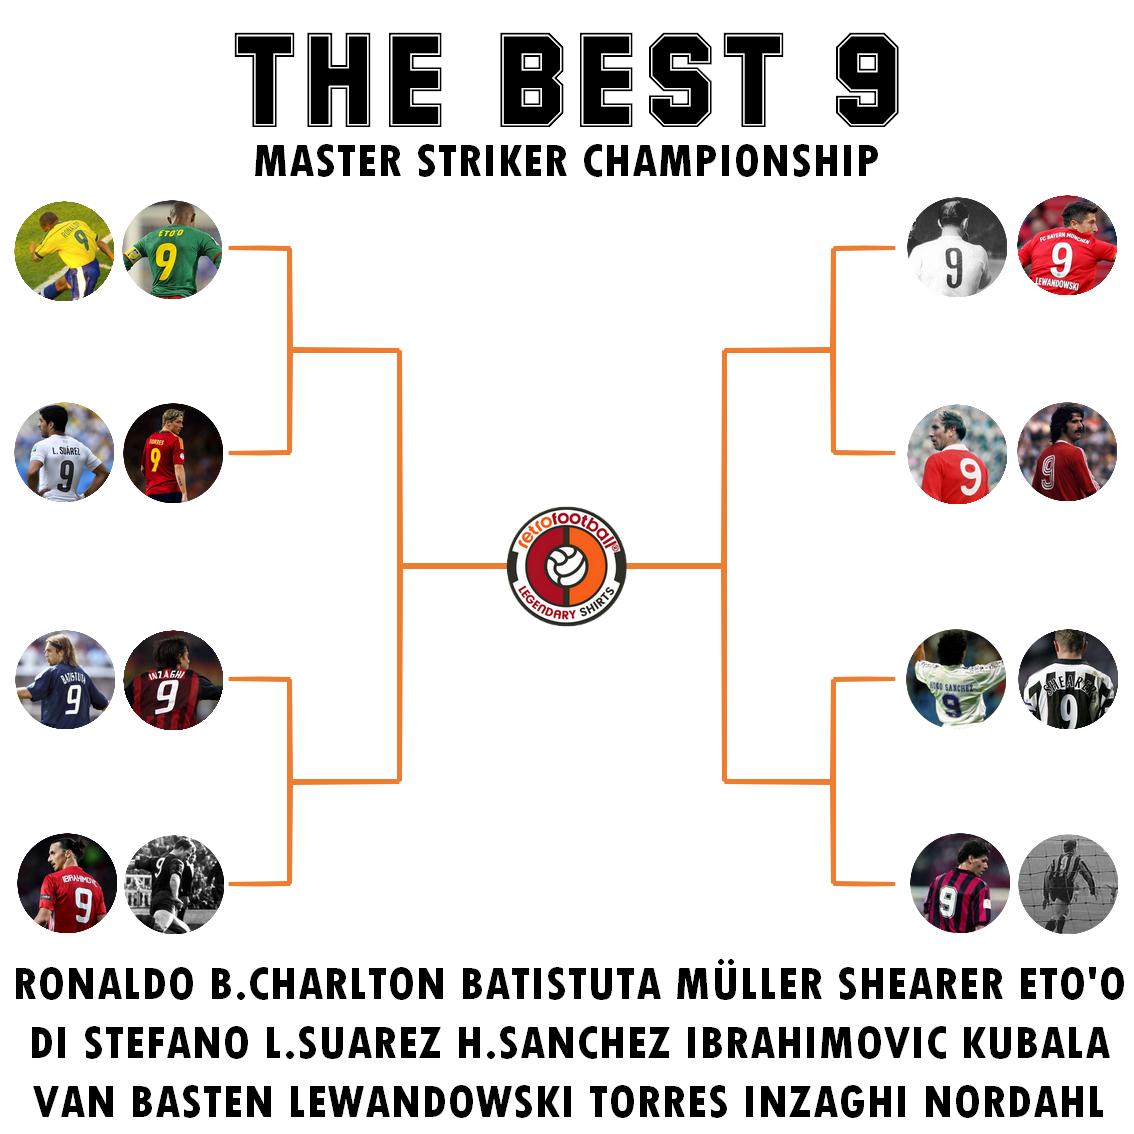 Le meilleur numéro 9 de l'histoire du football: choisissez le meilleur attaquant du football